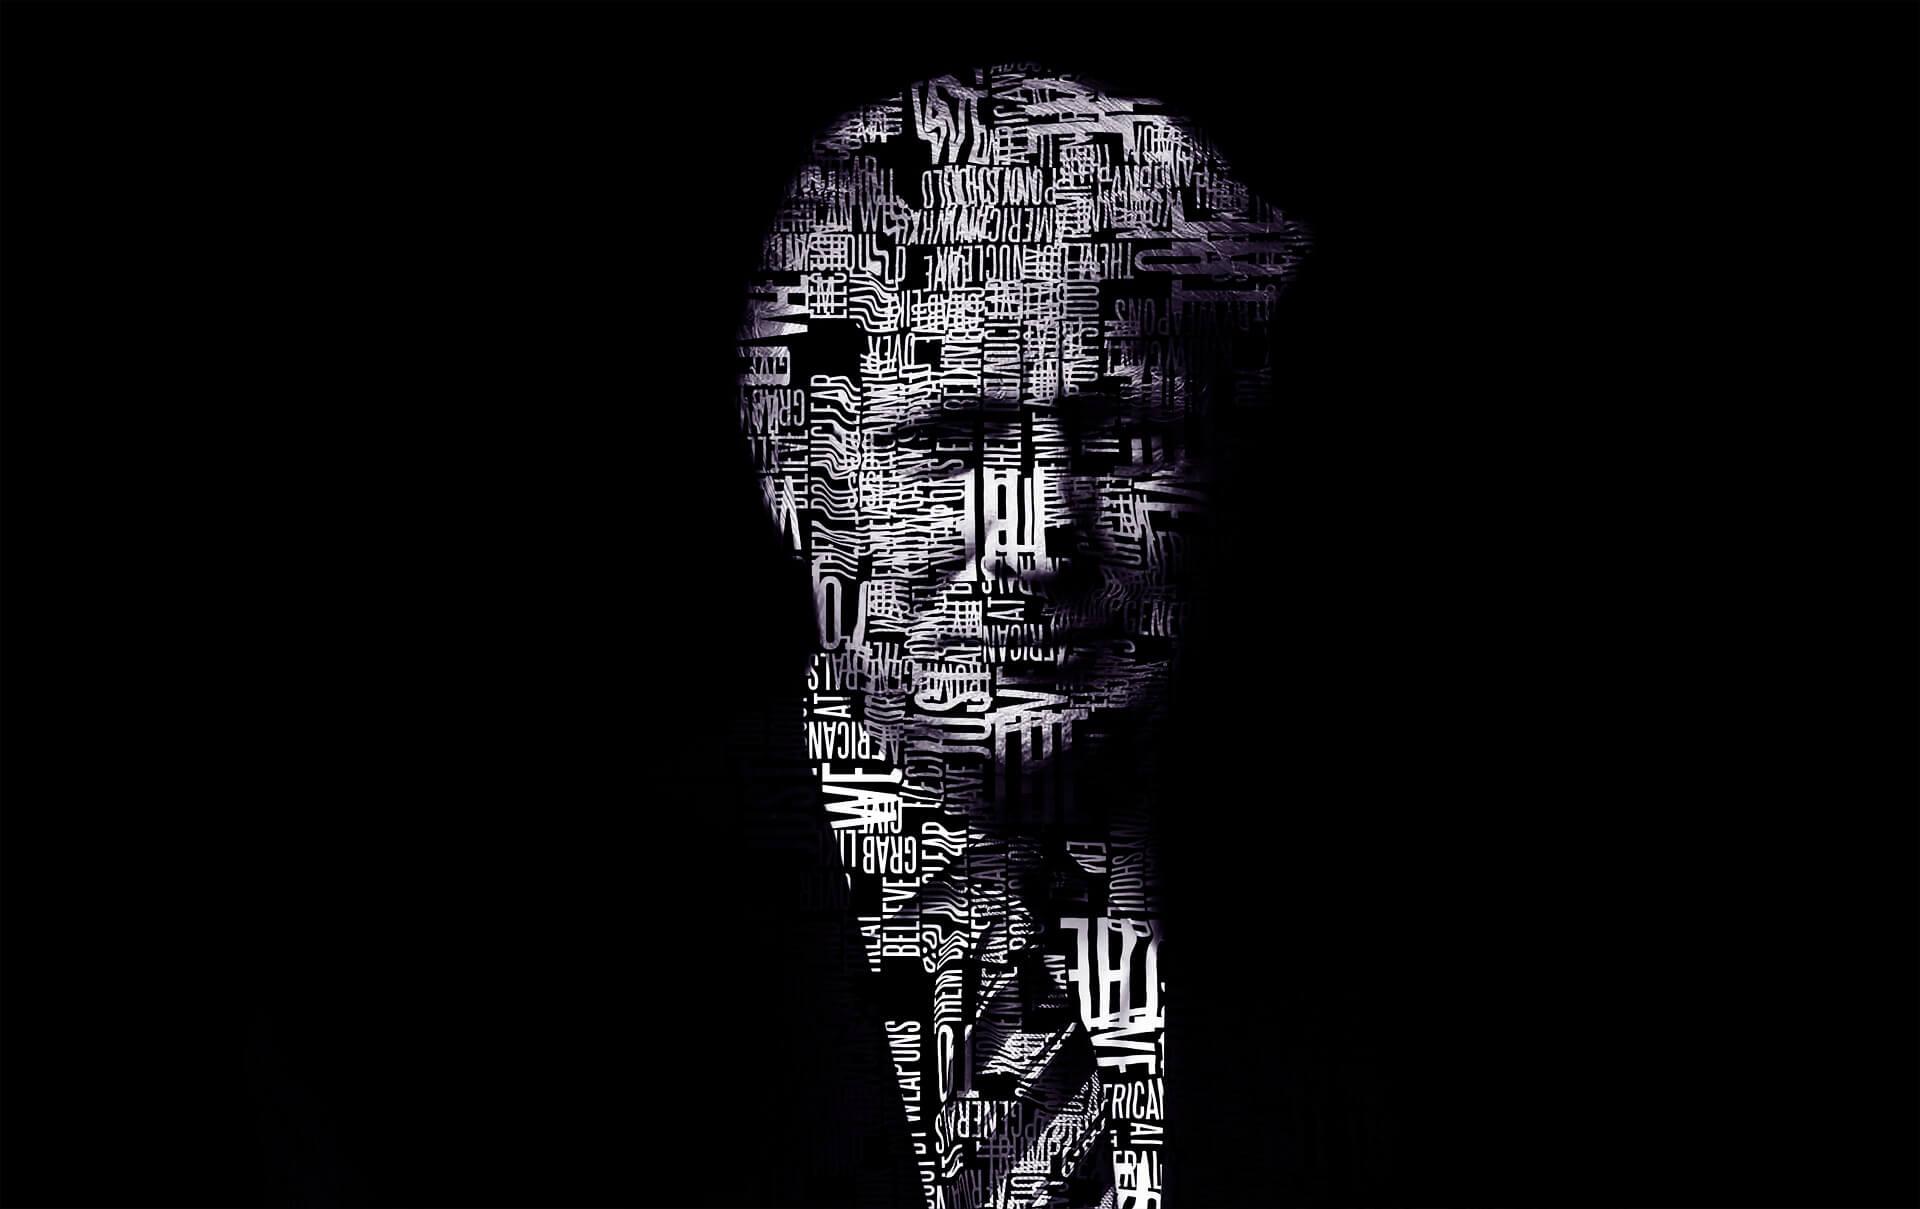 Generalissimo Trumpo